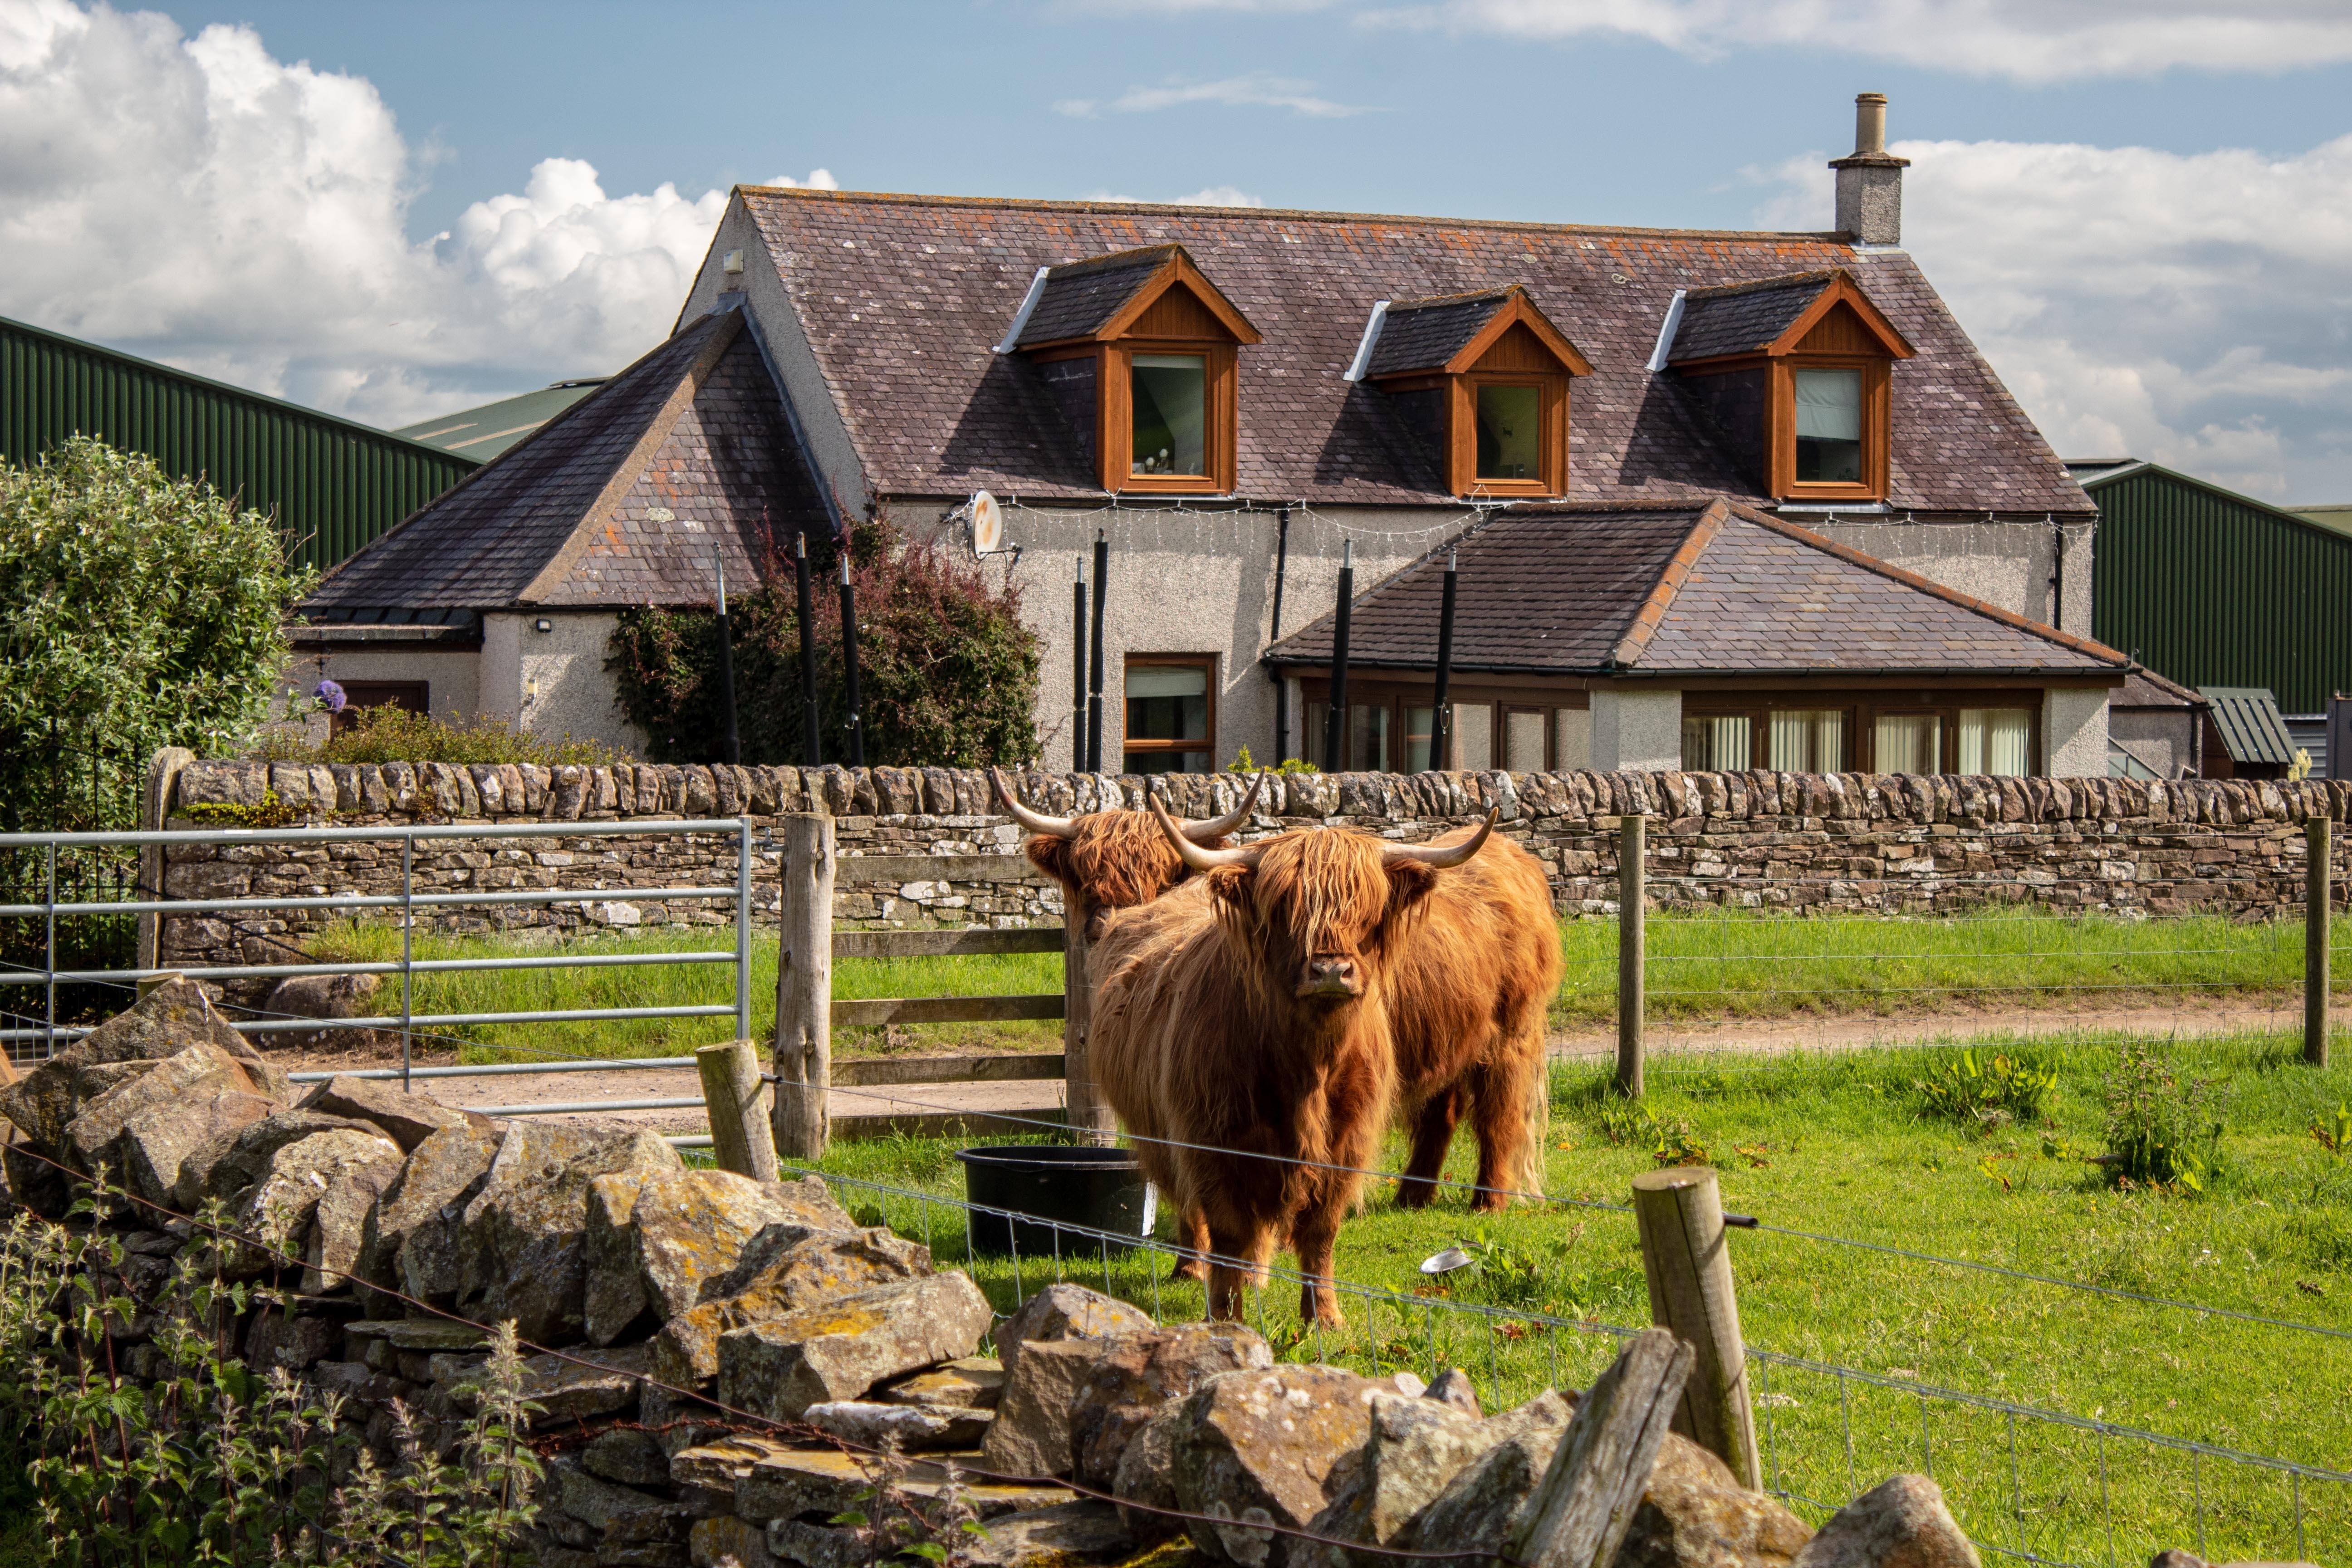 Newton Farm Holiday B&B house with highland cows